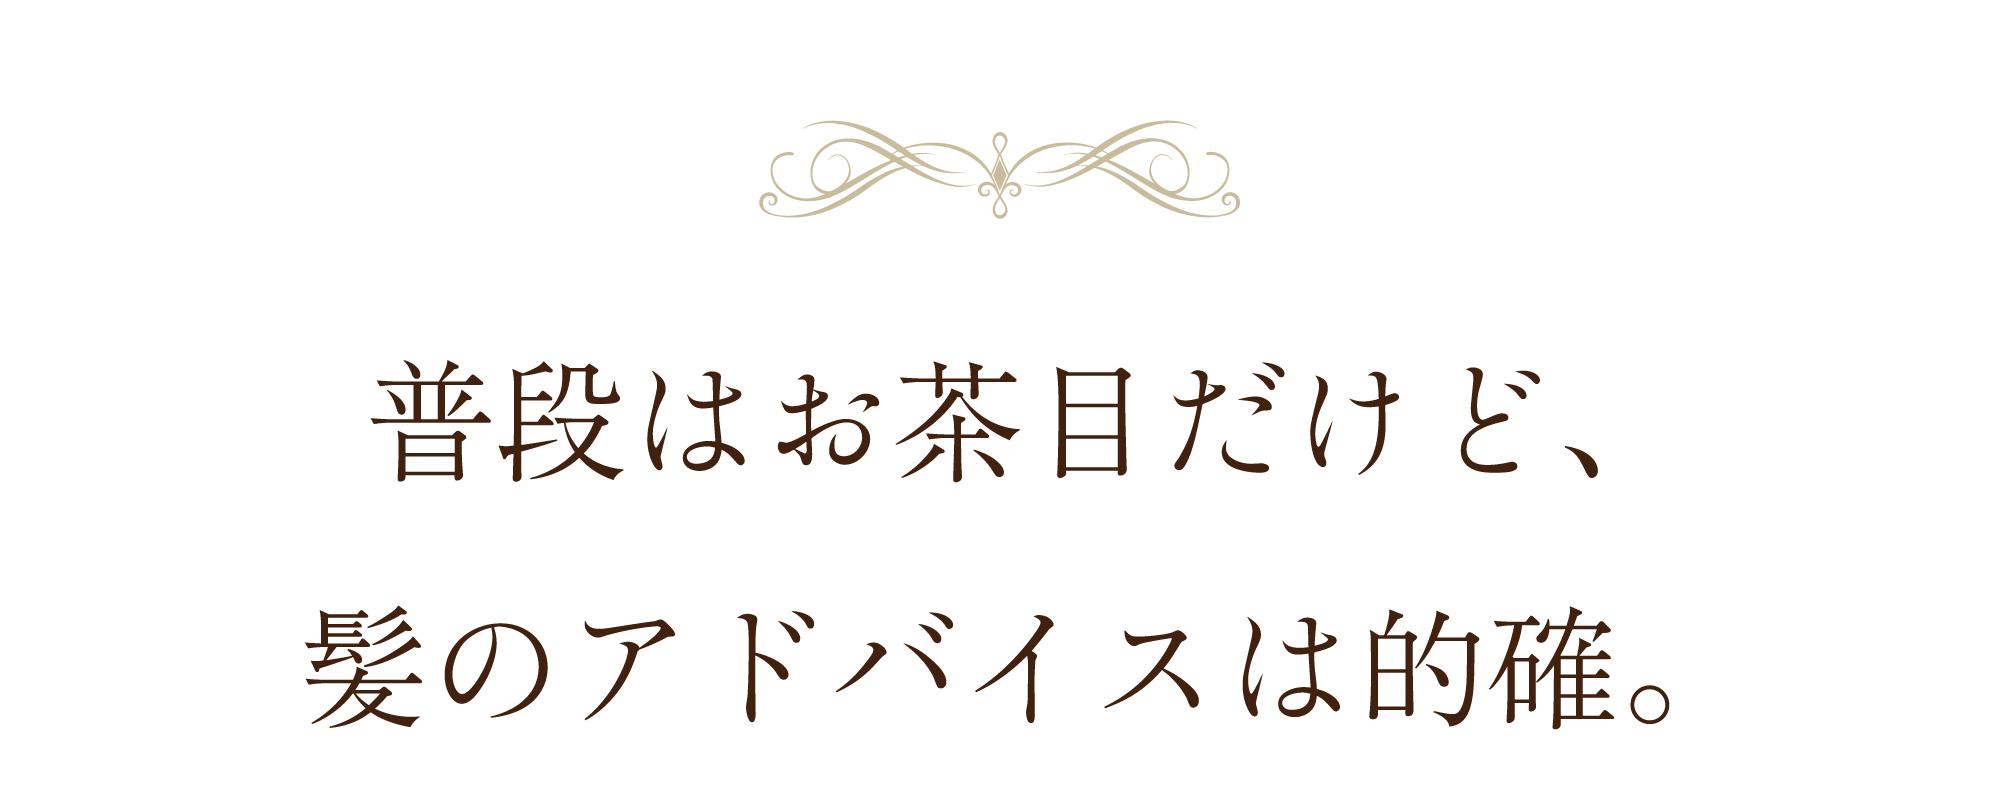 堺東の美容室・美容院|「grates」グラテス|VOICE(お客様の声)タイトル